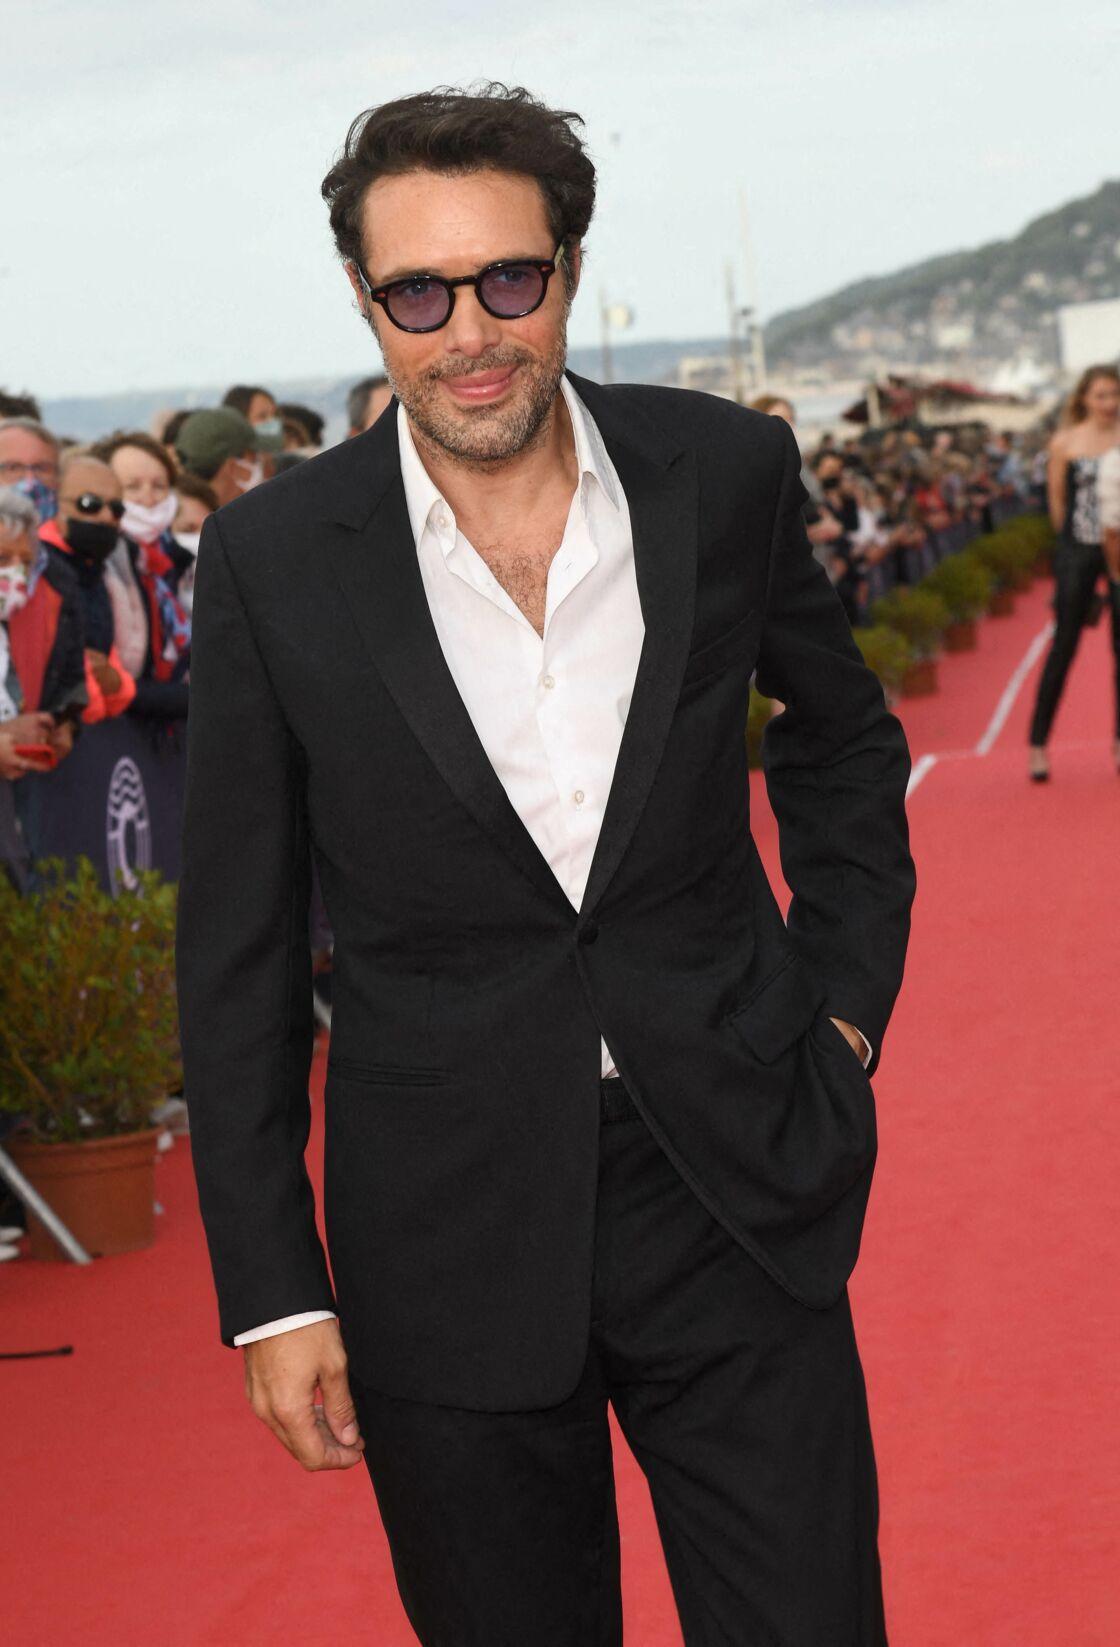 Nicolas Bedos fait partie des célébrités que Laurent Ruquier aimerait voir à la table des Grosses Têtes